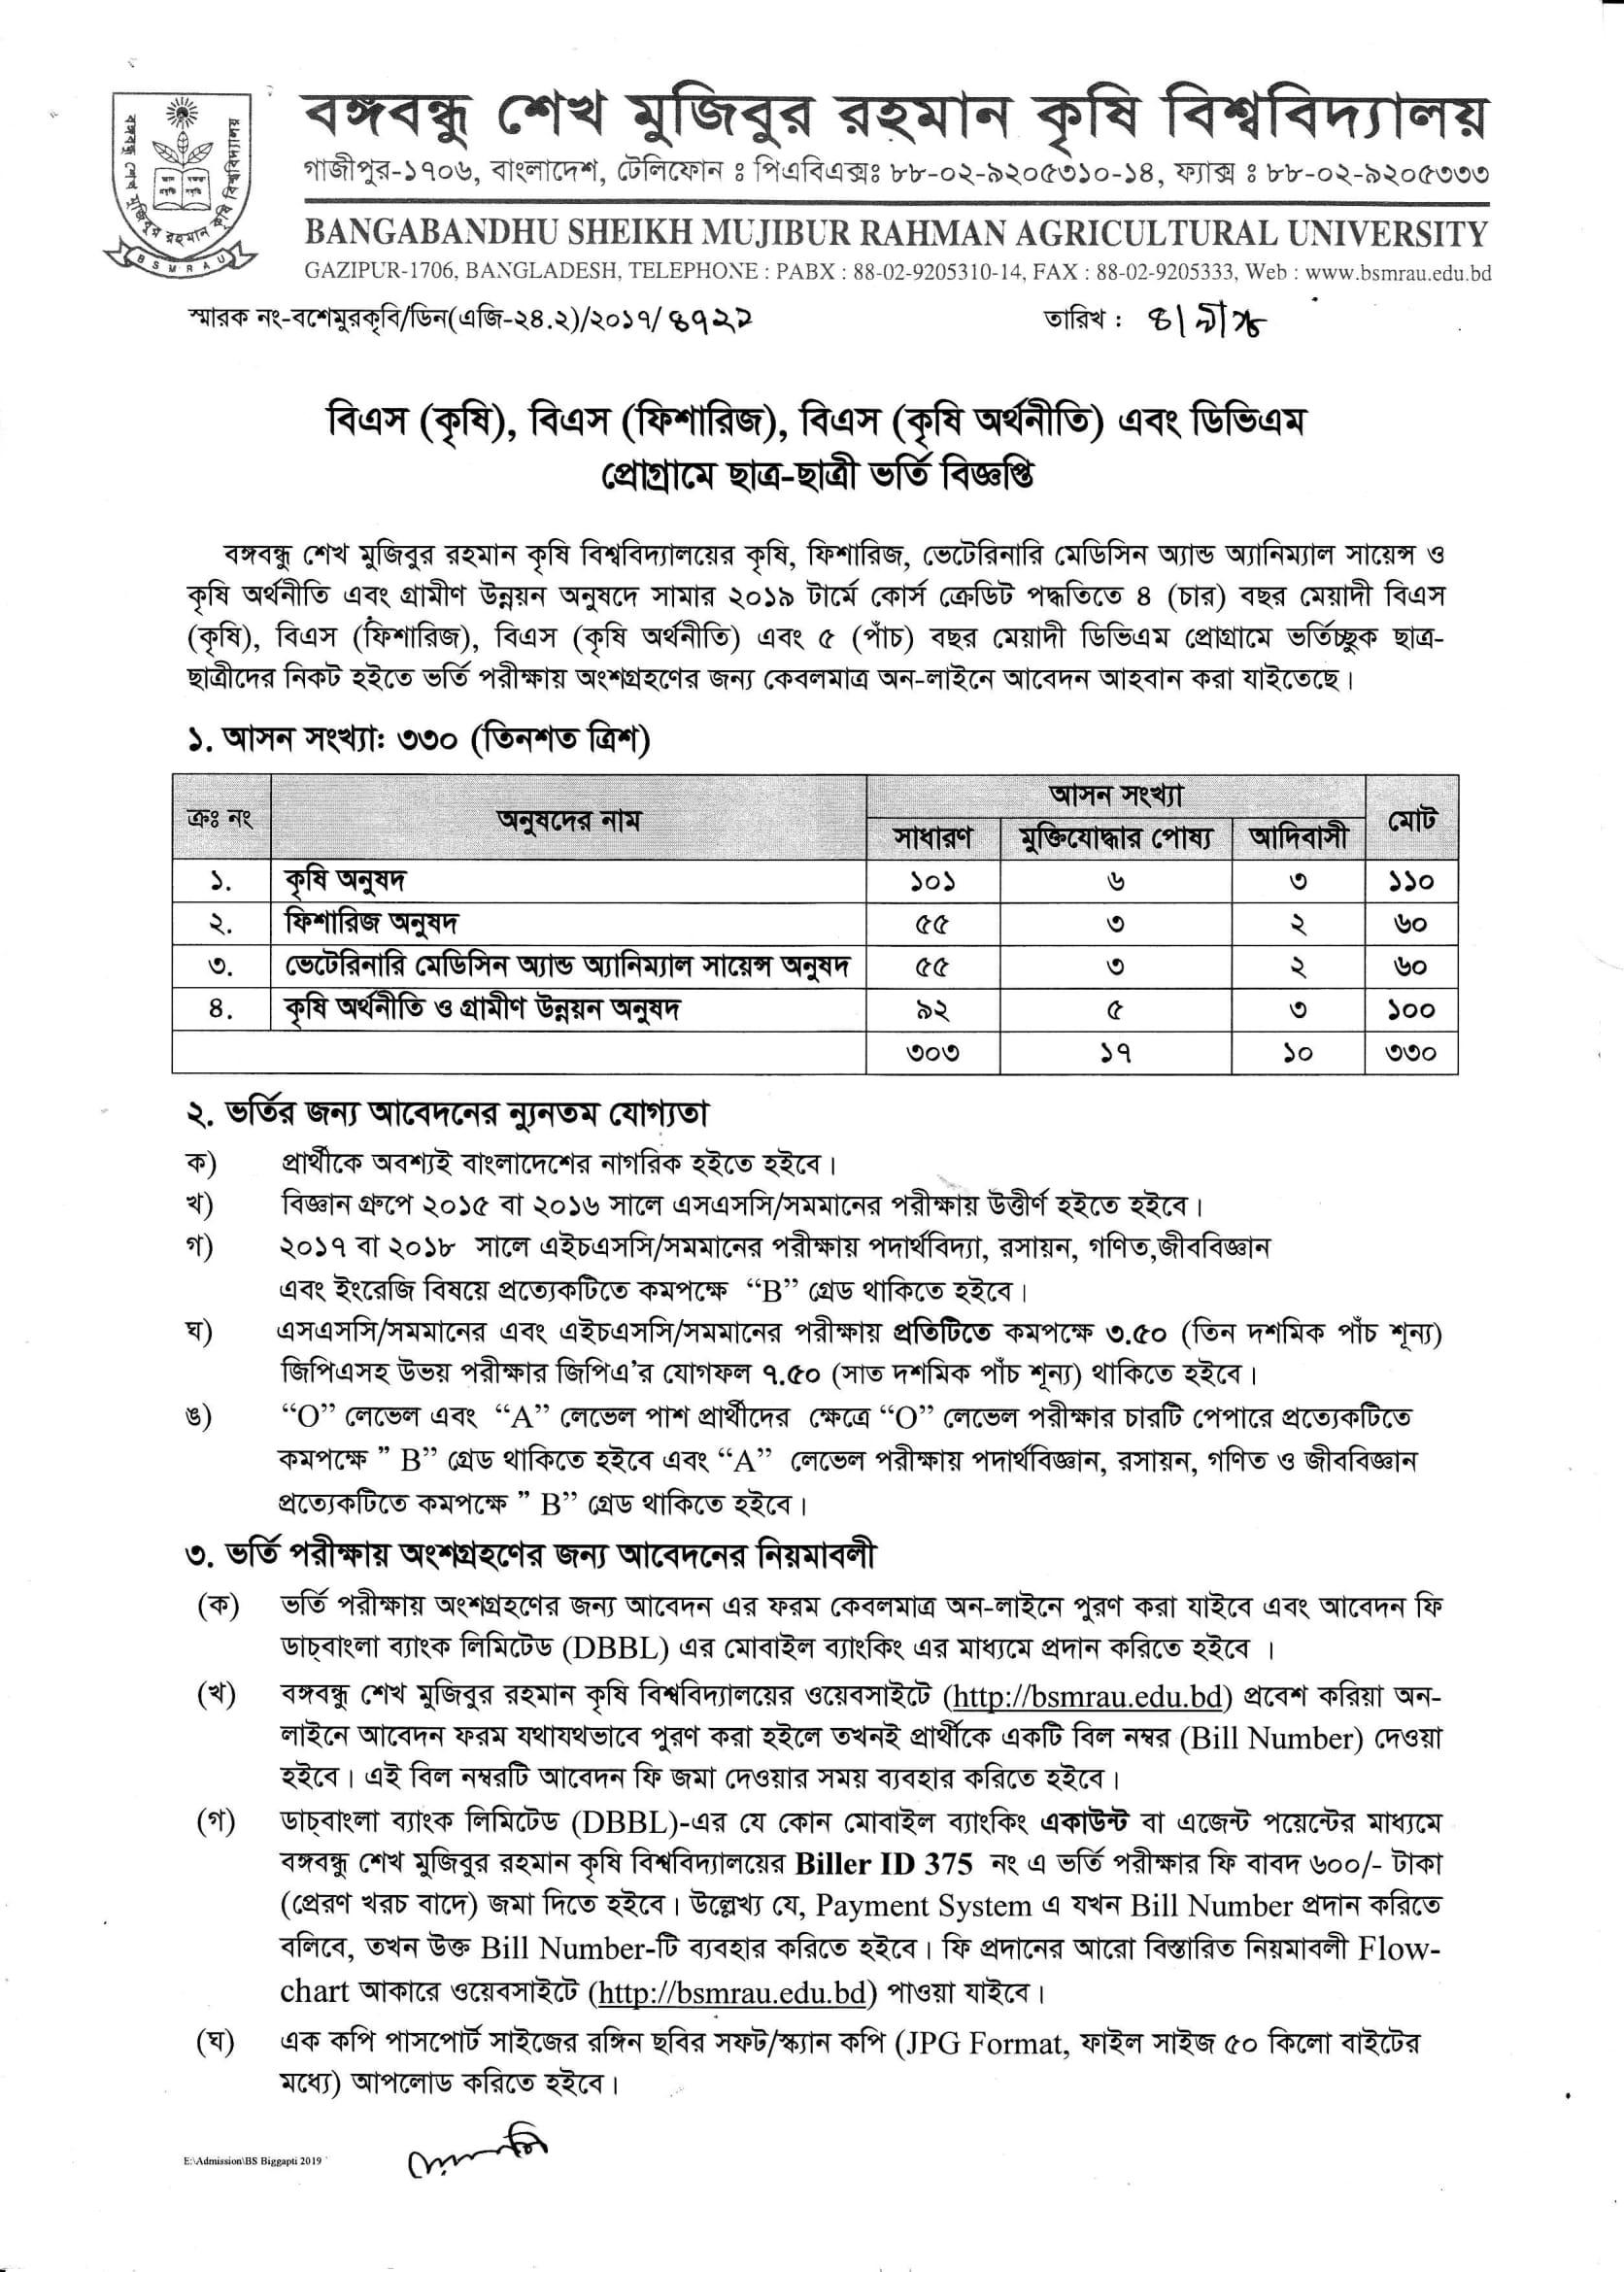 BSMRAU Admission Circular 2018-19 BSMRAU Admission Prospectus